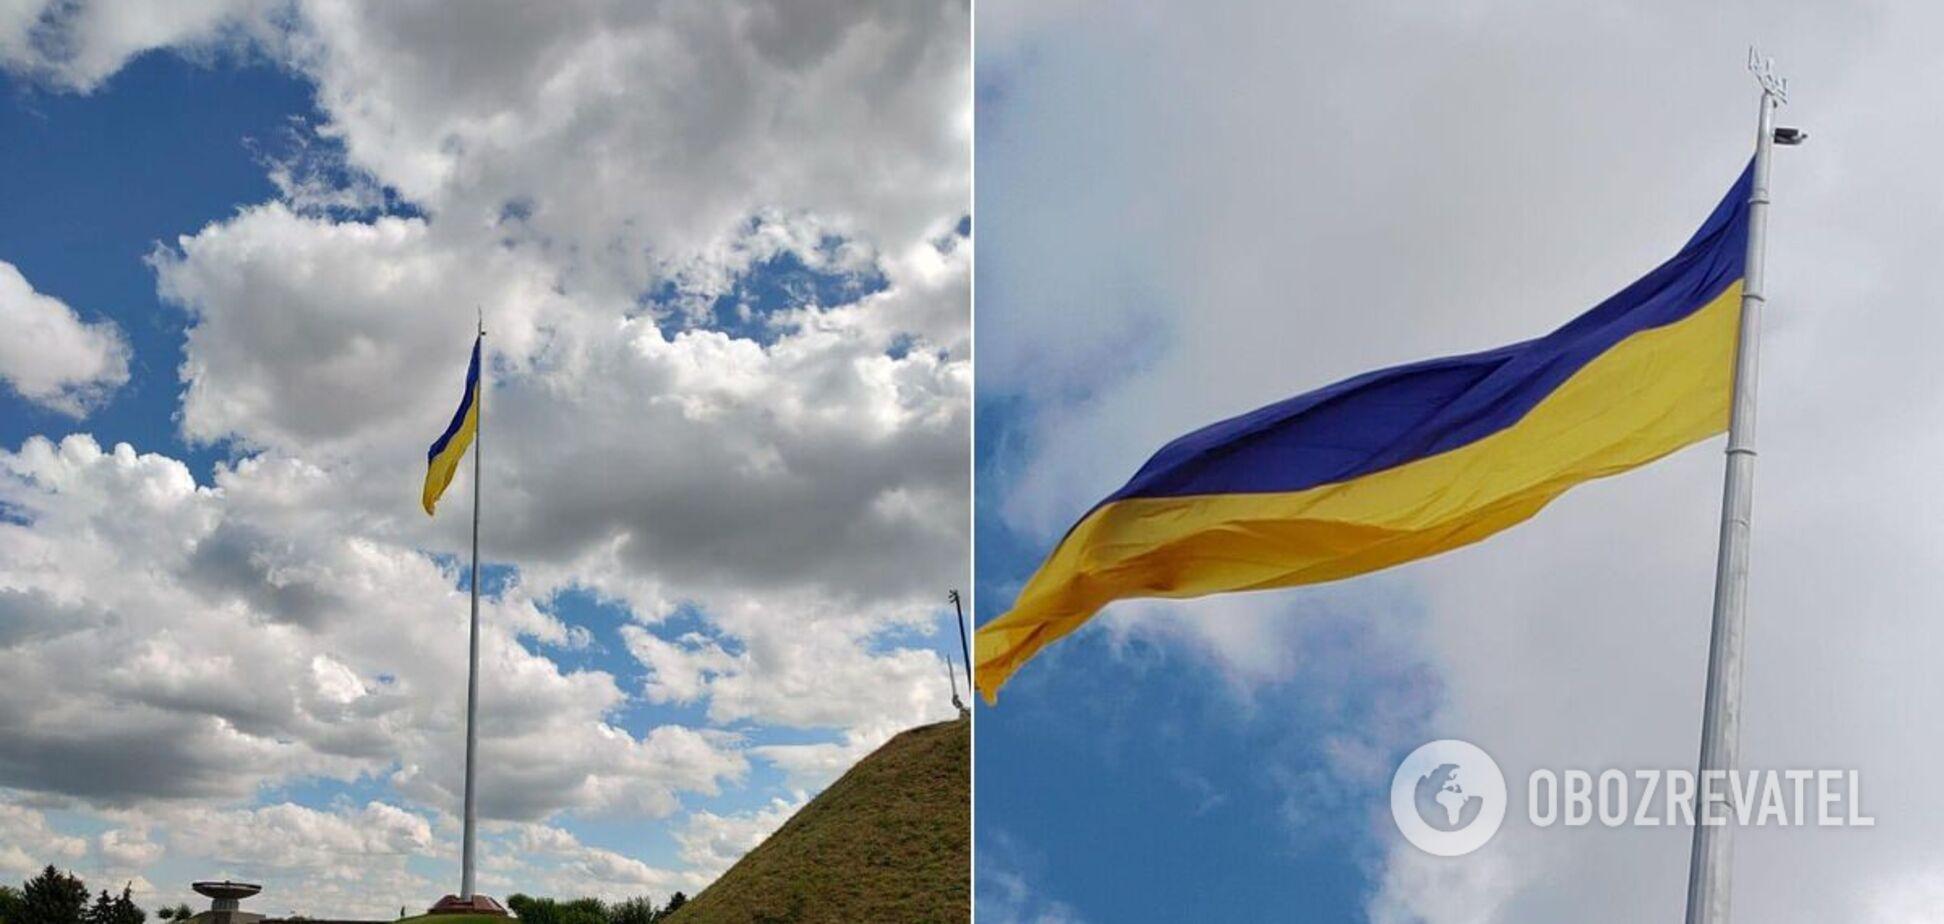 Кличко прокоментував 'пошкодження' головного прапора України